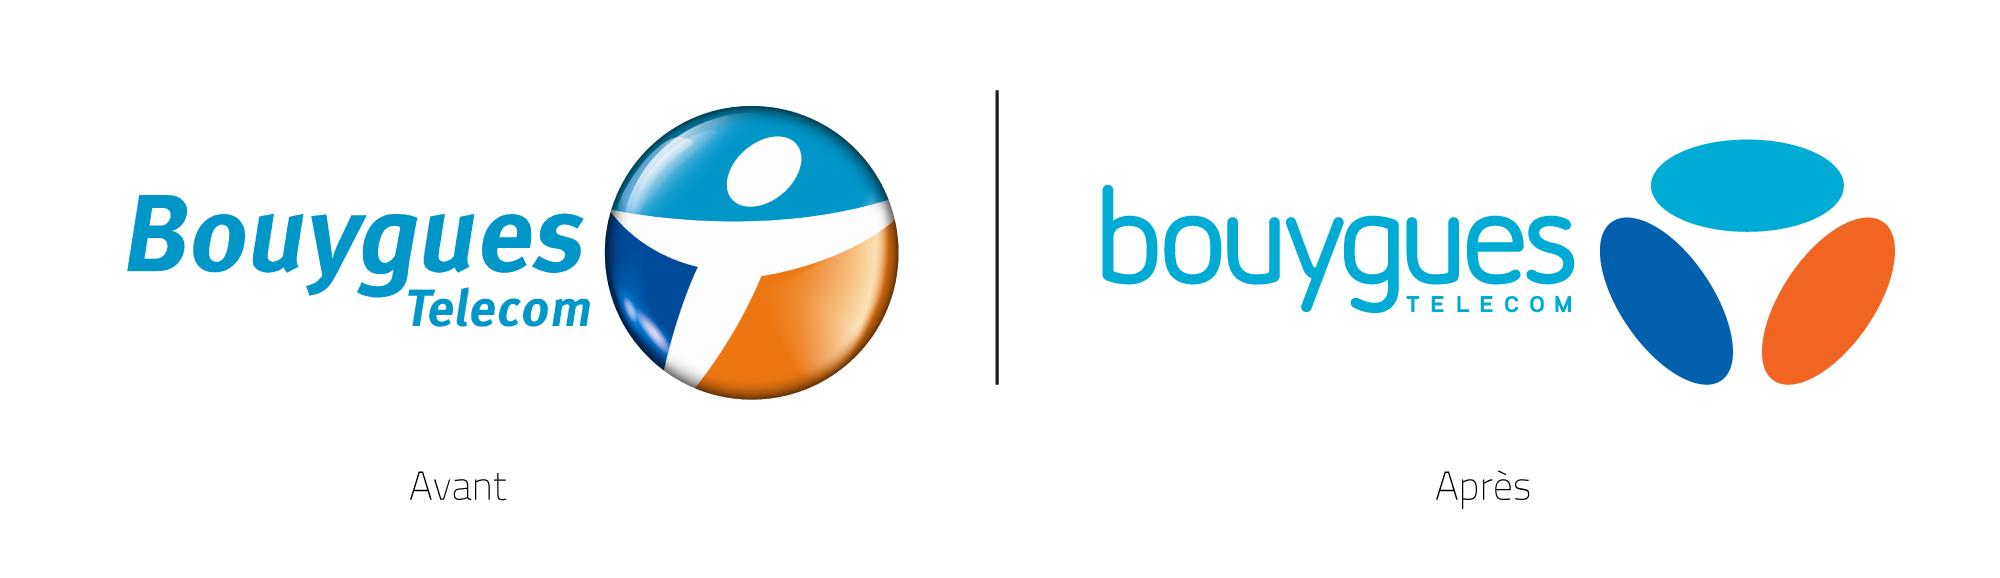 Nouveau-logo-bouygues-telecom - Bouygues Telecom Logo PNG